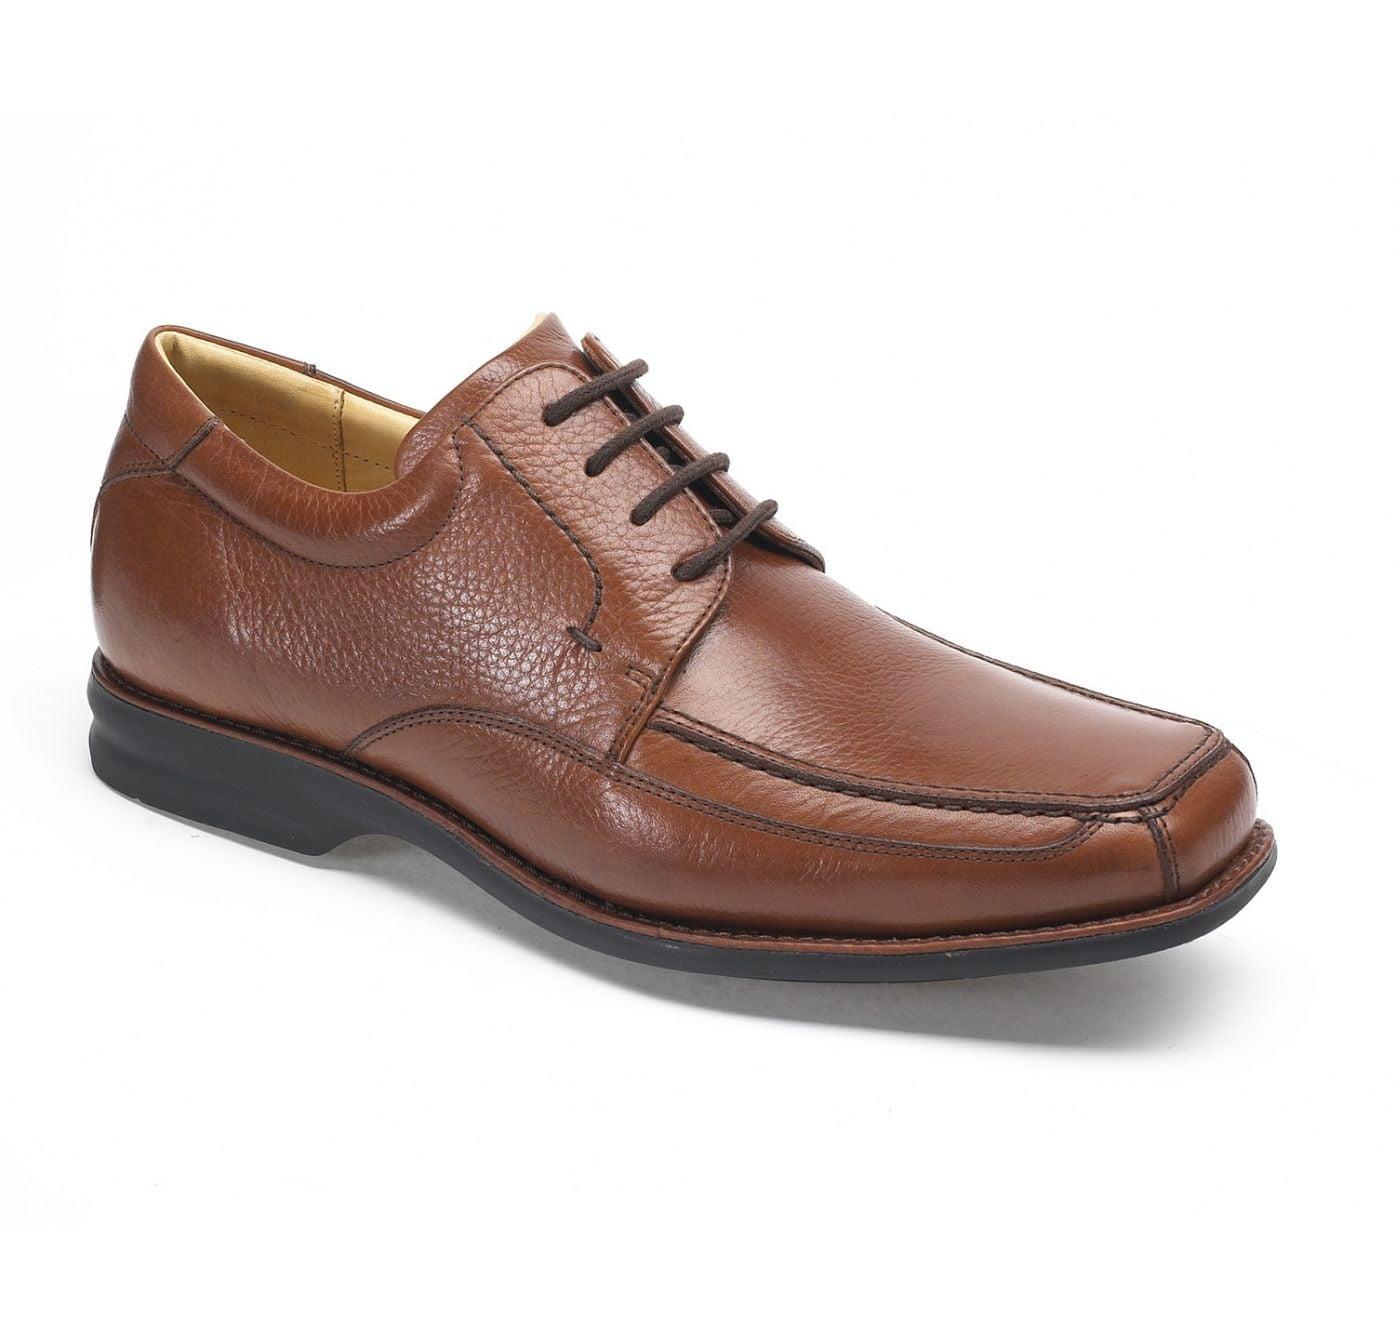 Anatomic Gel Goias Tan Shoes